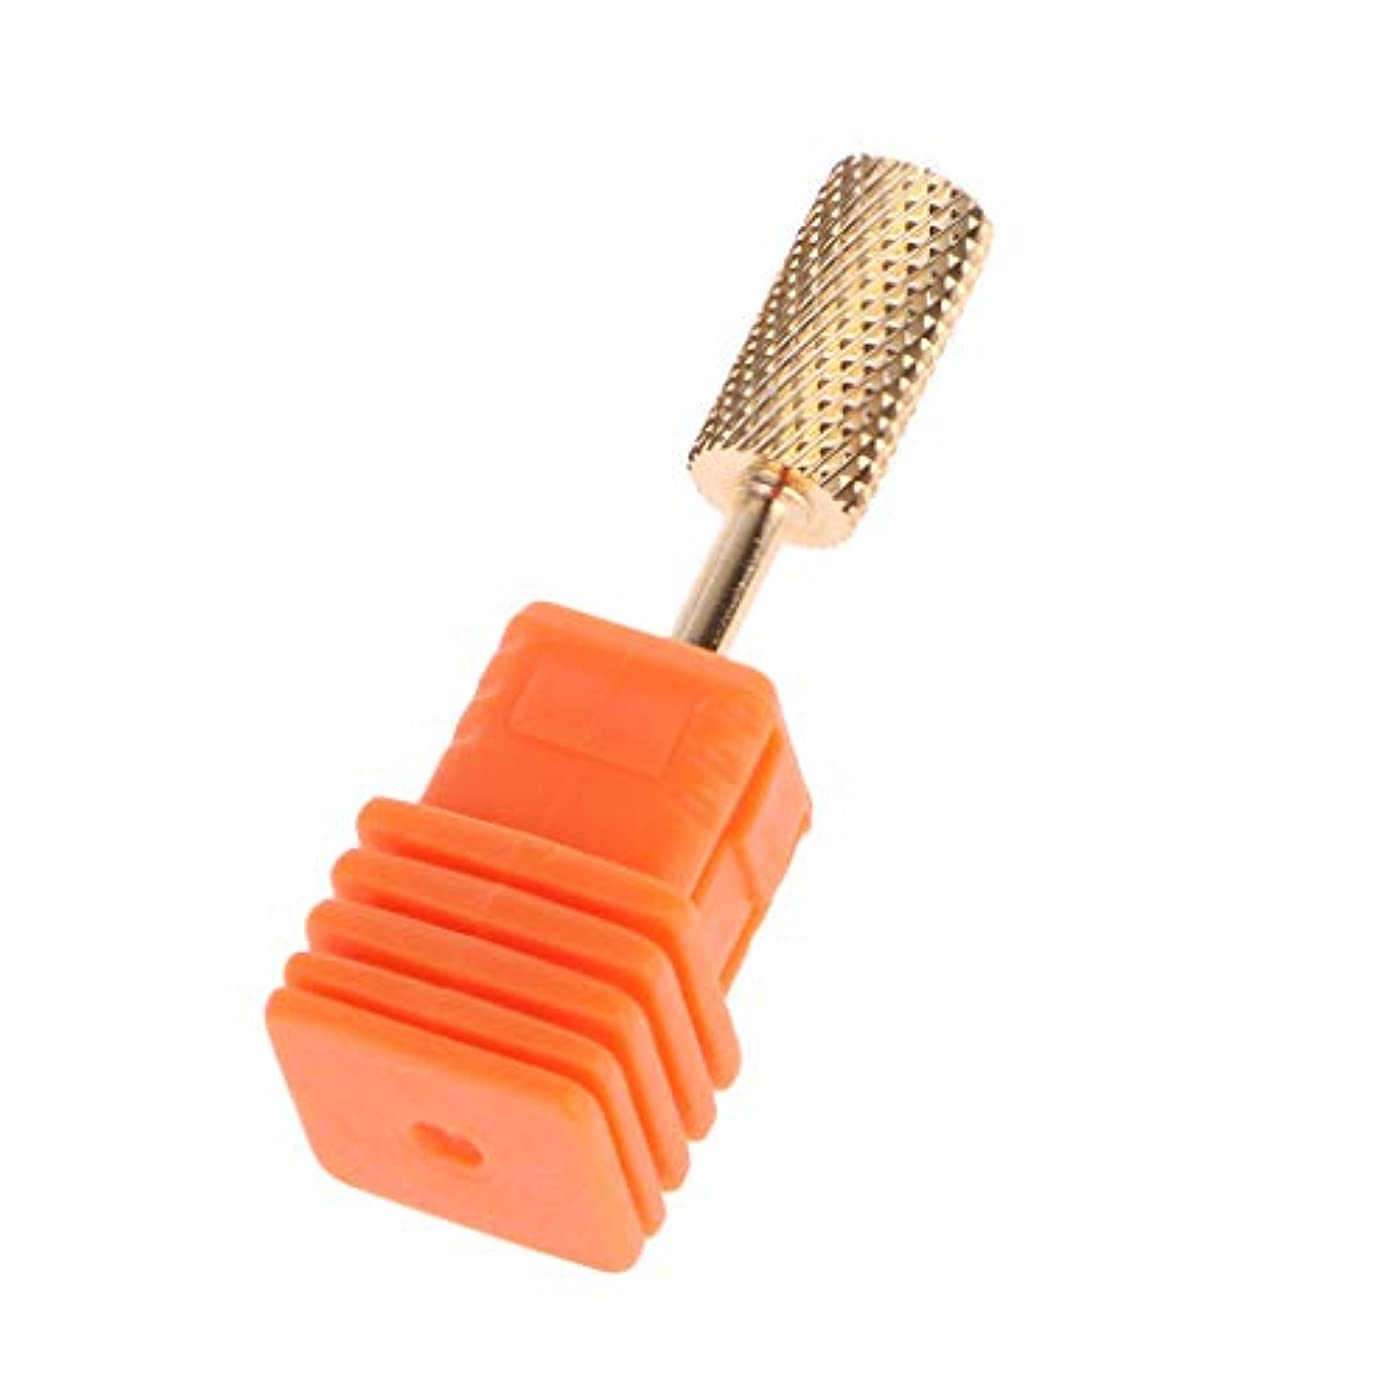 ぐったりたっぷりキノコジャッキー金属合金ラウンドヘッドネイルグラインディングヘッド-ゴールドMミディアムミディアムミディアムツースカーバイドネイルドリルビットゴールドコーティングネイルアクリルゲル除去サロンツール